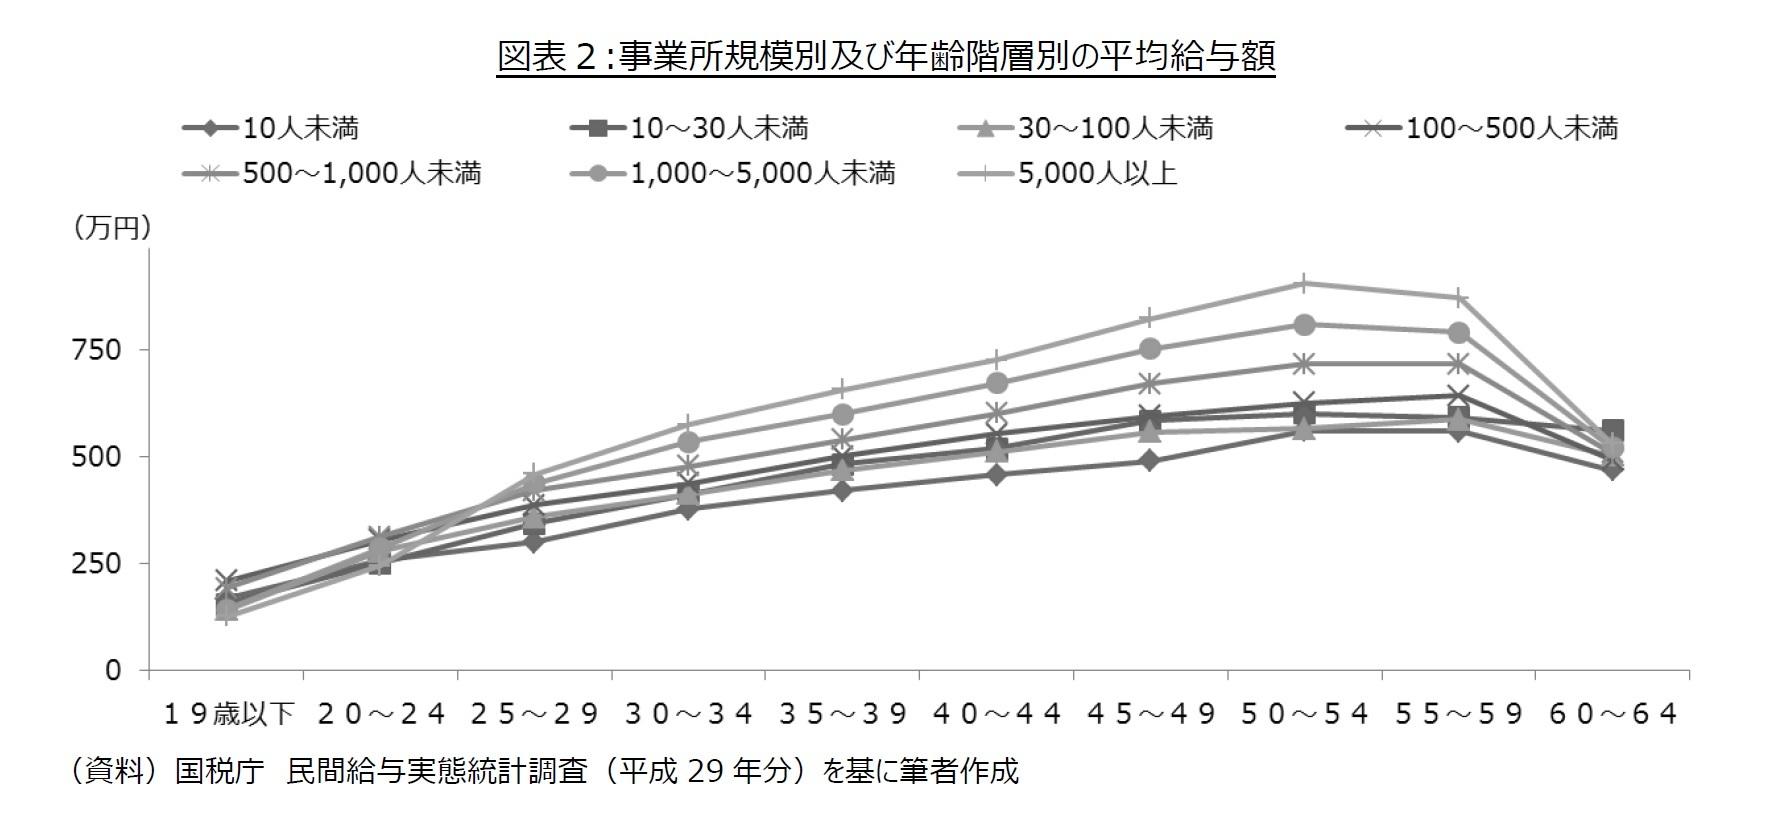 図表2:事業所規模別及び年齢階層別の平均給与額